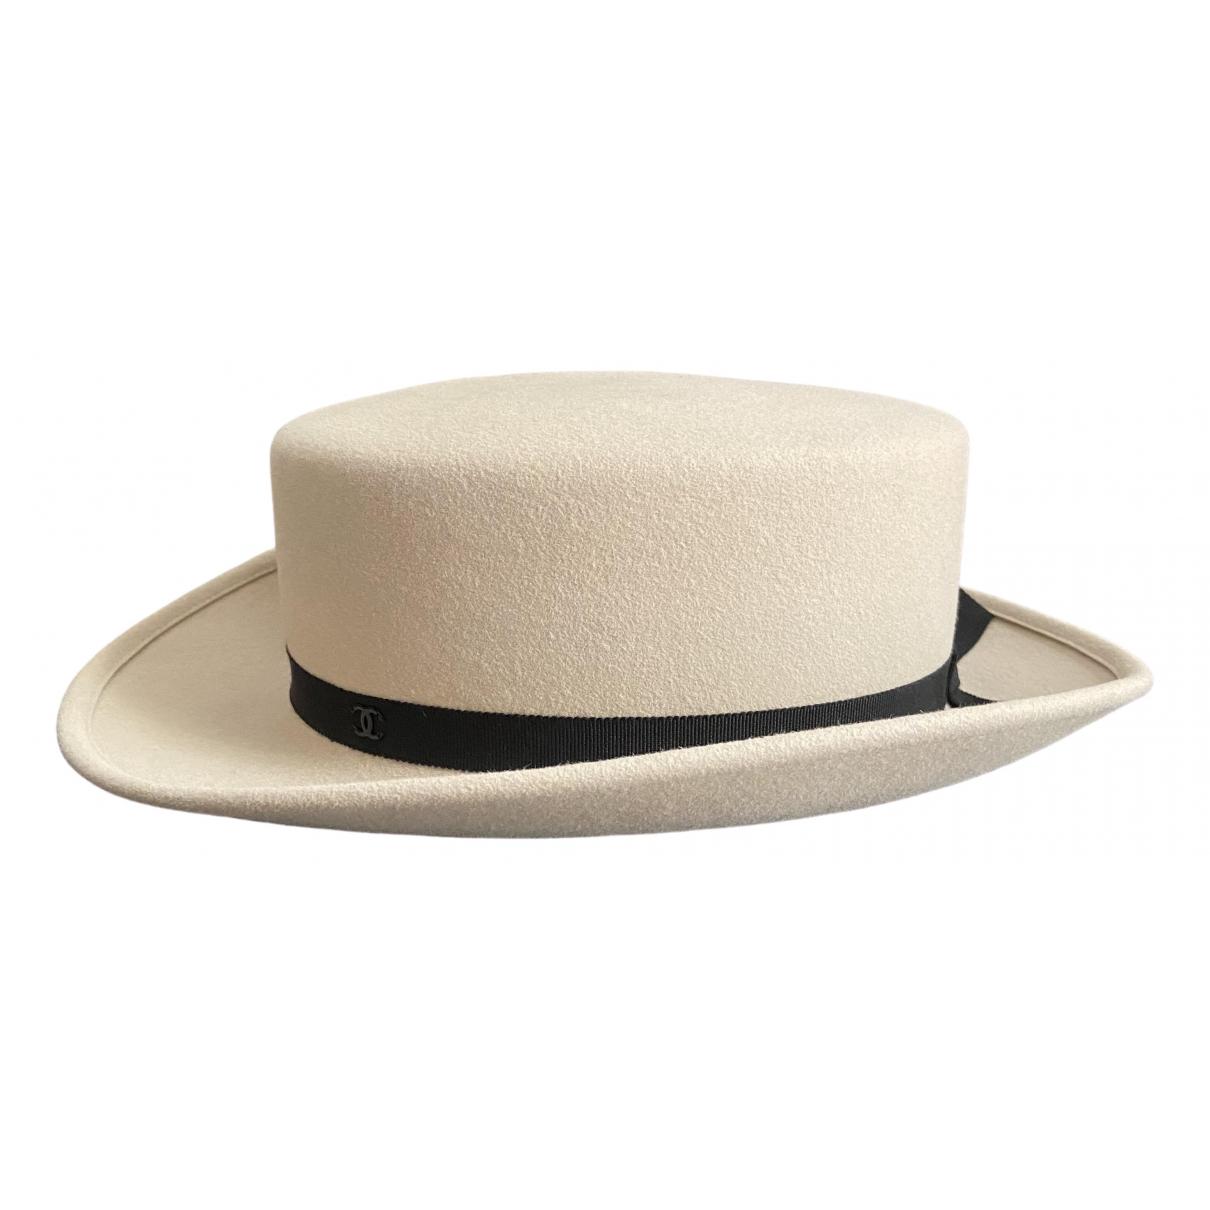 Chanel \N Beige Wool hat for Women M International